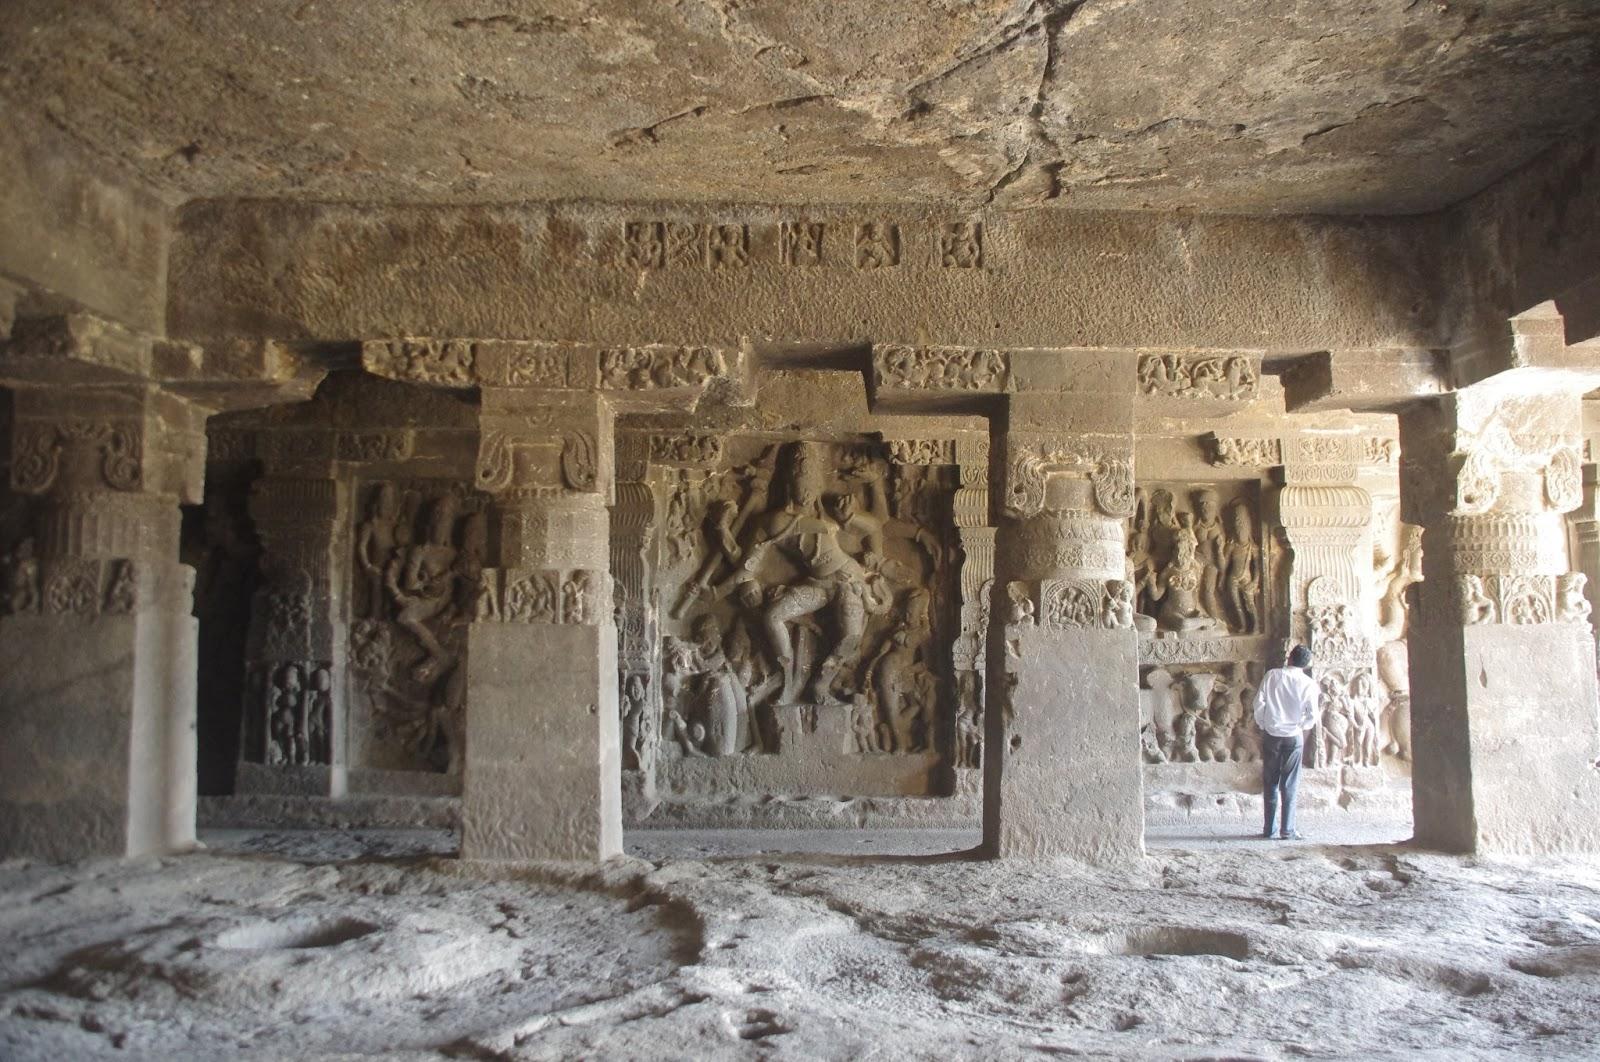 エローラ石窟群の画像 p1_22